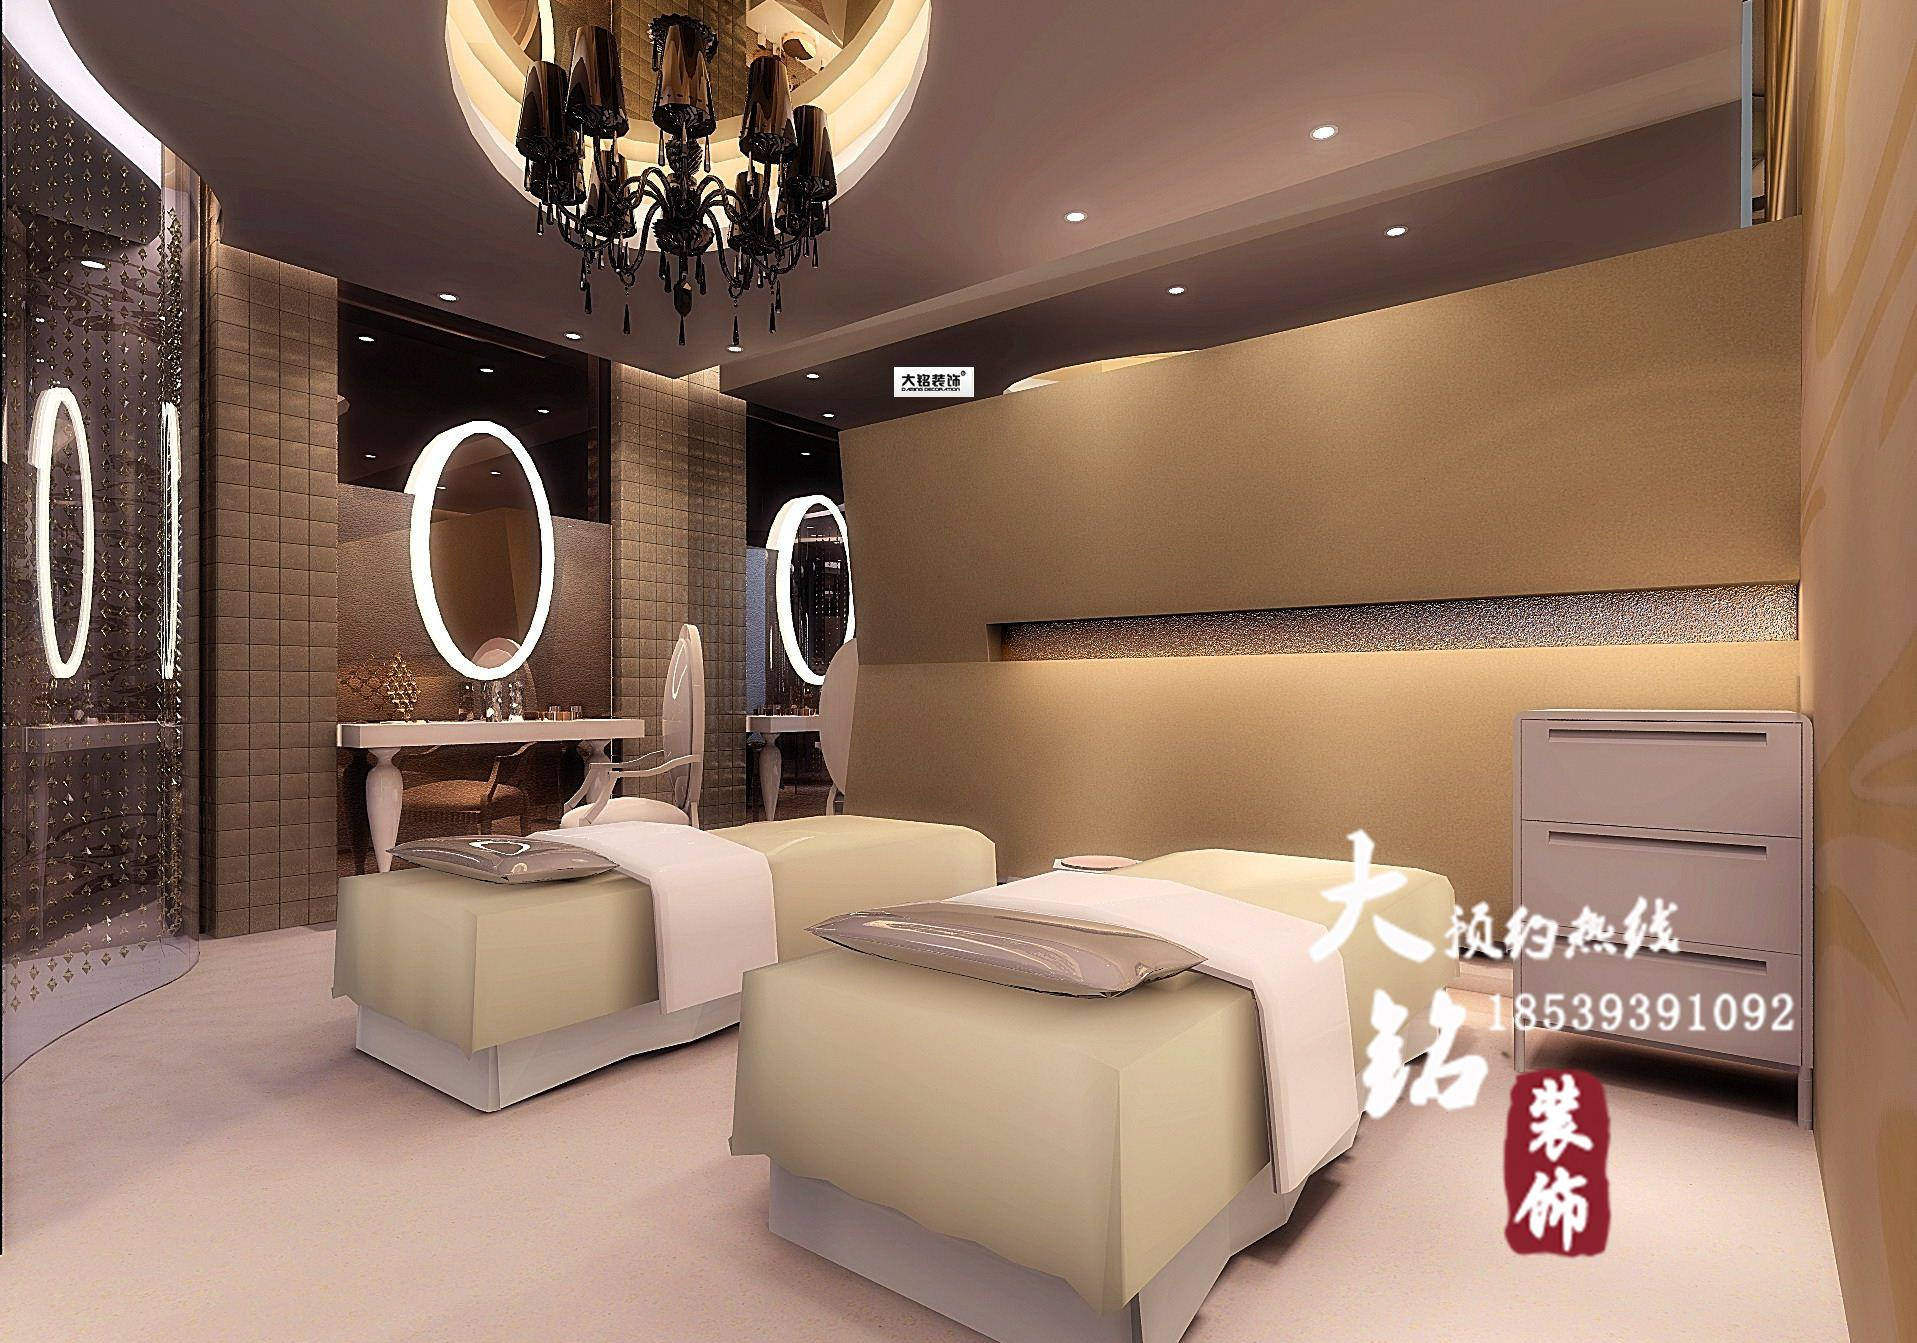 郑州知名美容院装修设计公司-美丽田园美容院装修设计图片